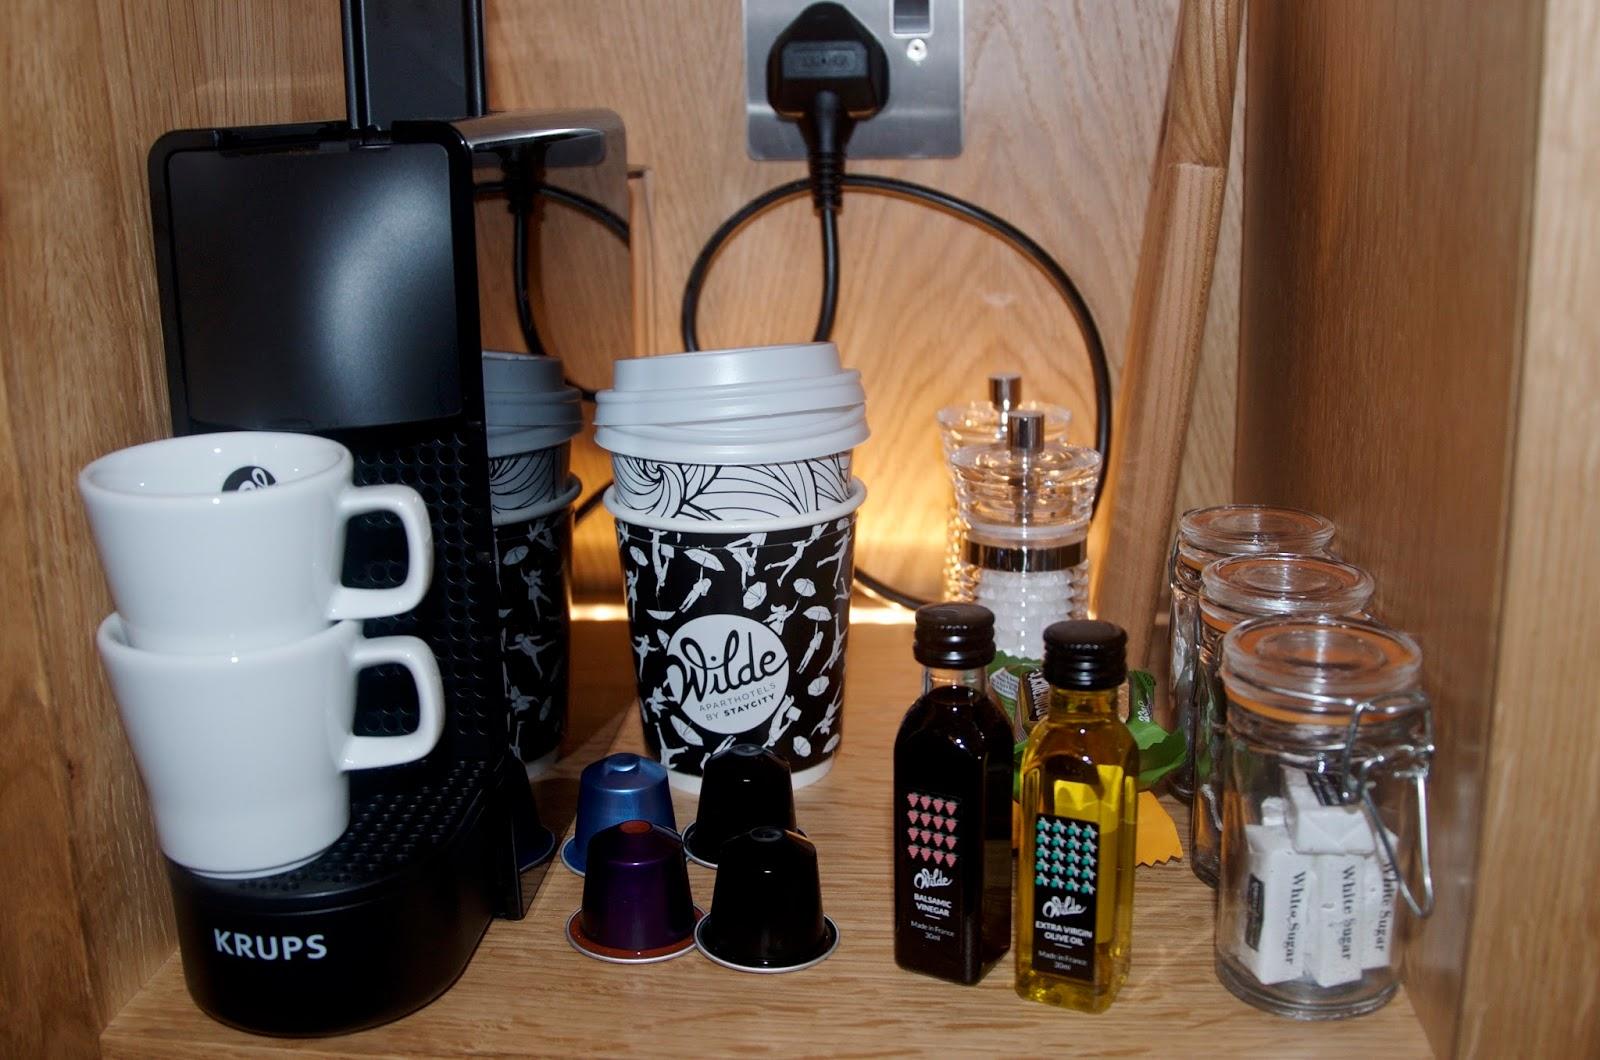 Wilde Aparthotels by Staycity coffee station